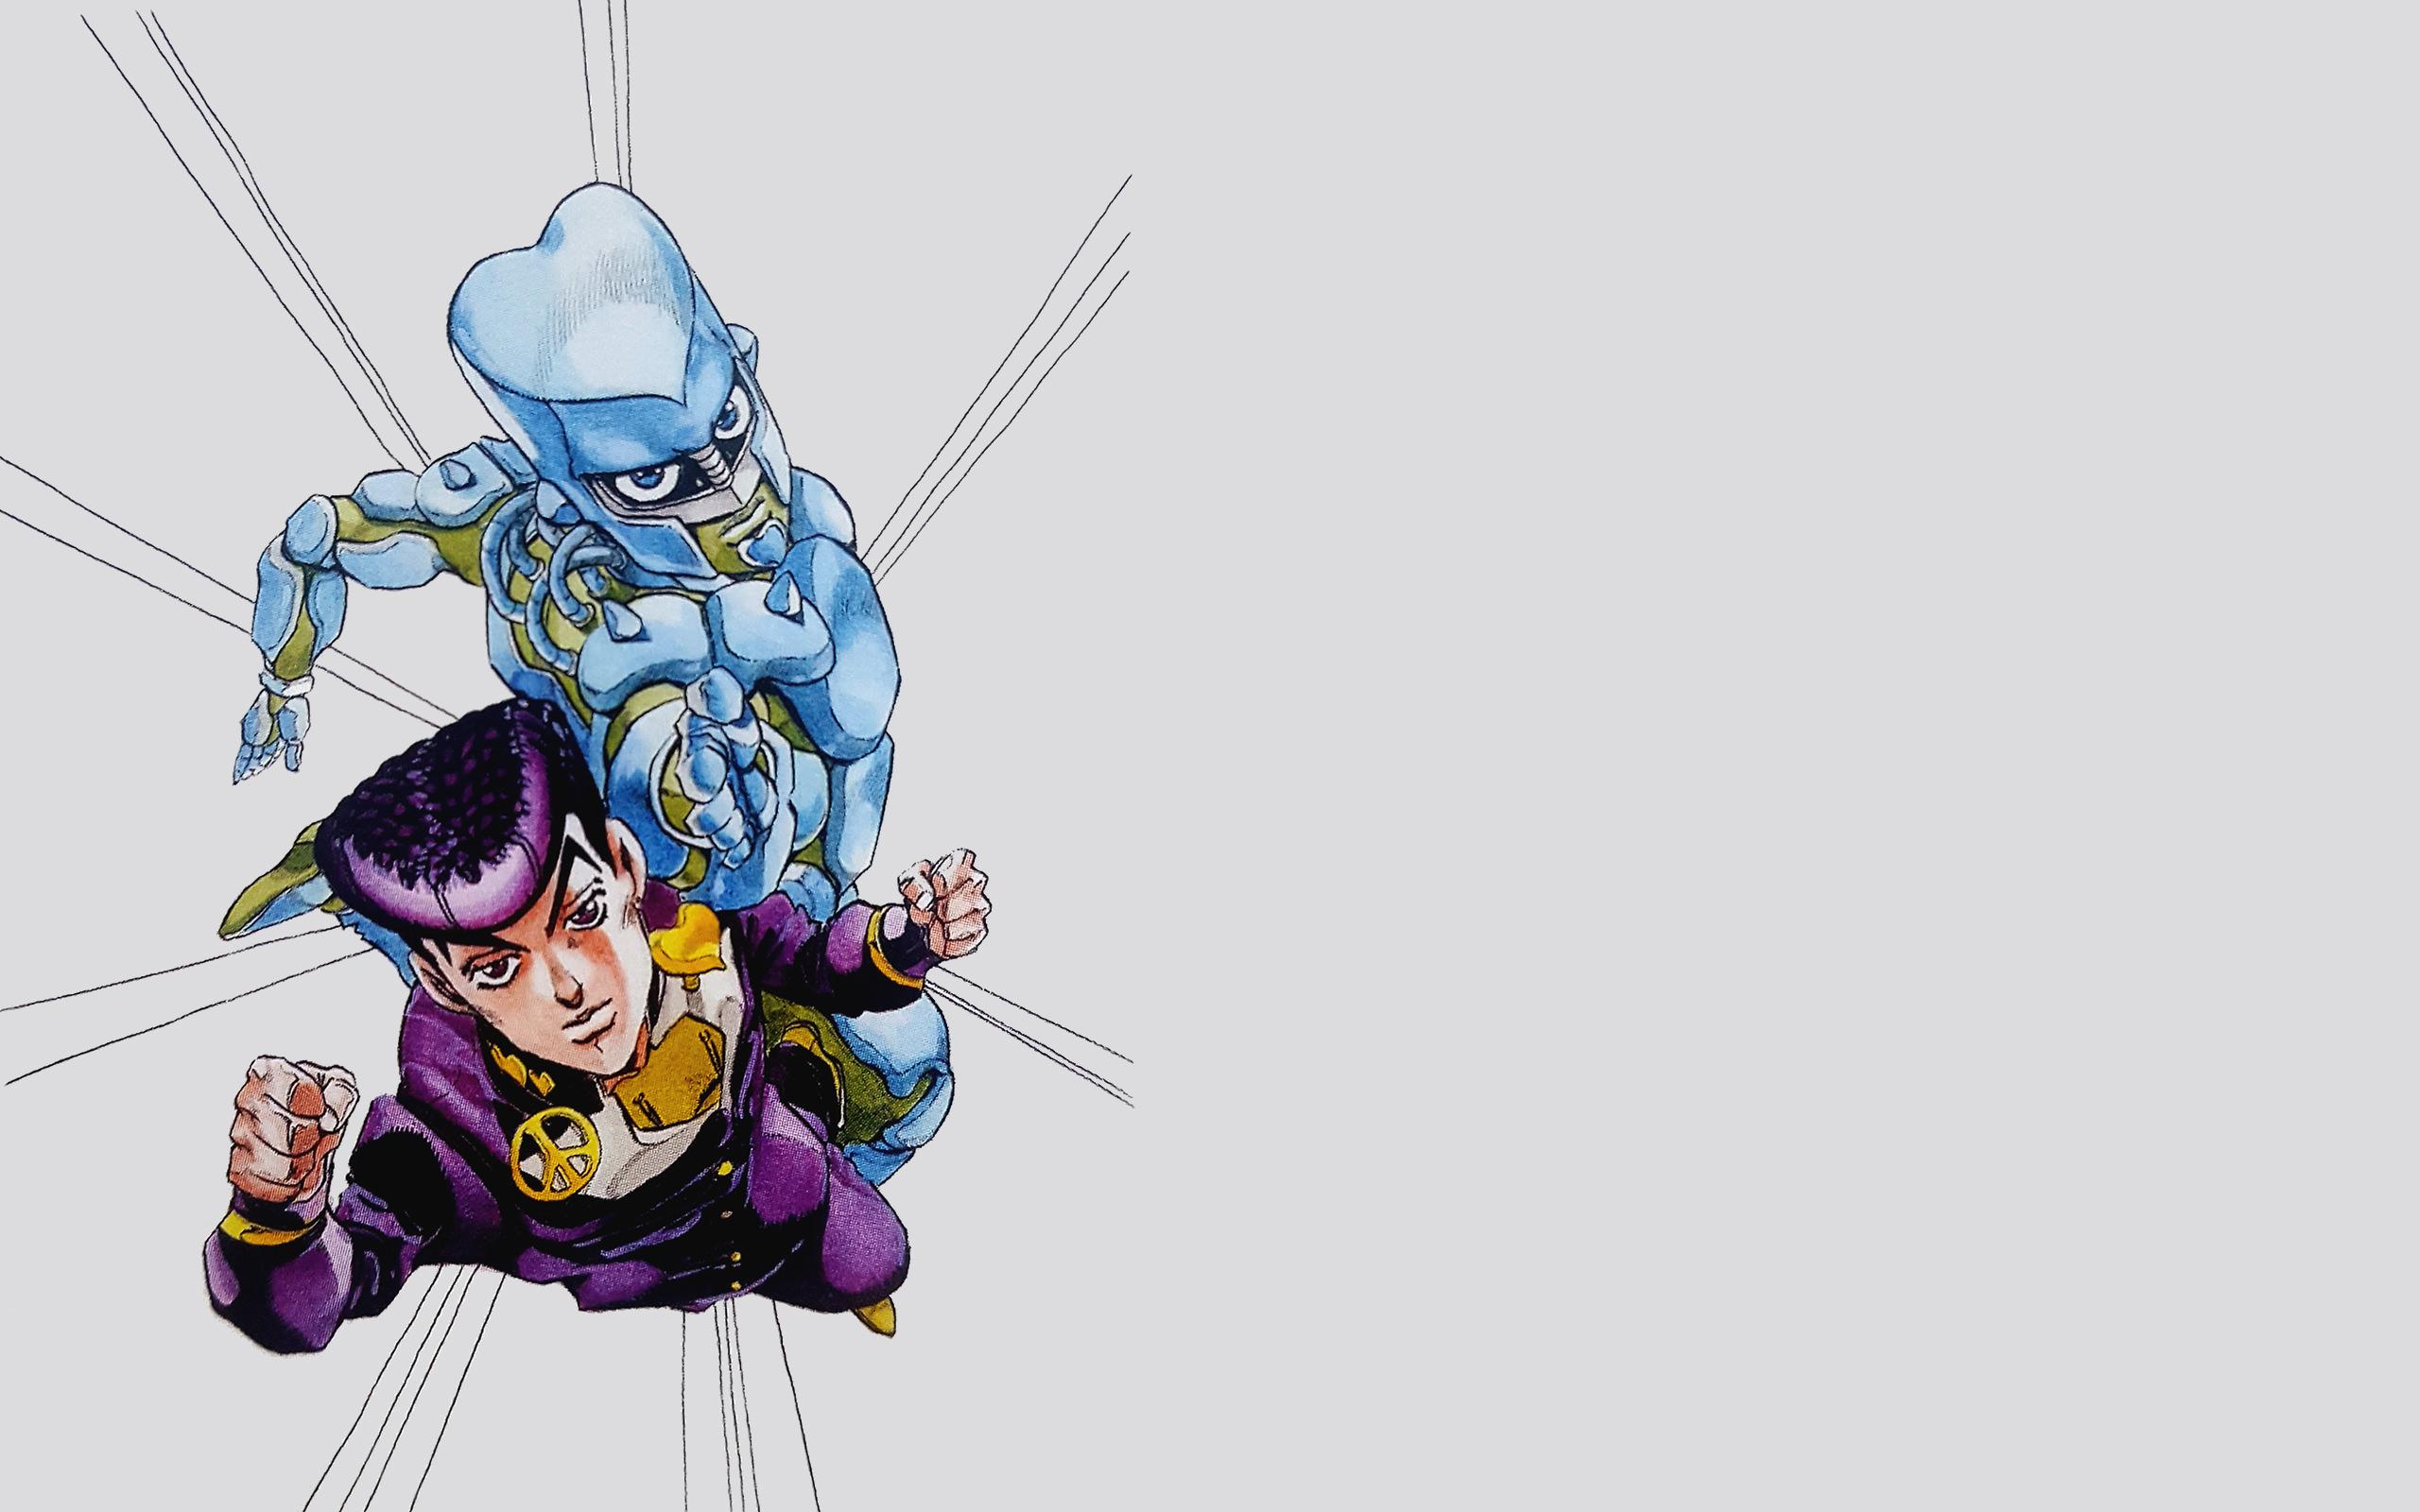 Wallpaper Jojo S Bizarre Adventure Jojo Jojolion Anime Manga